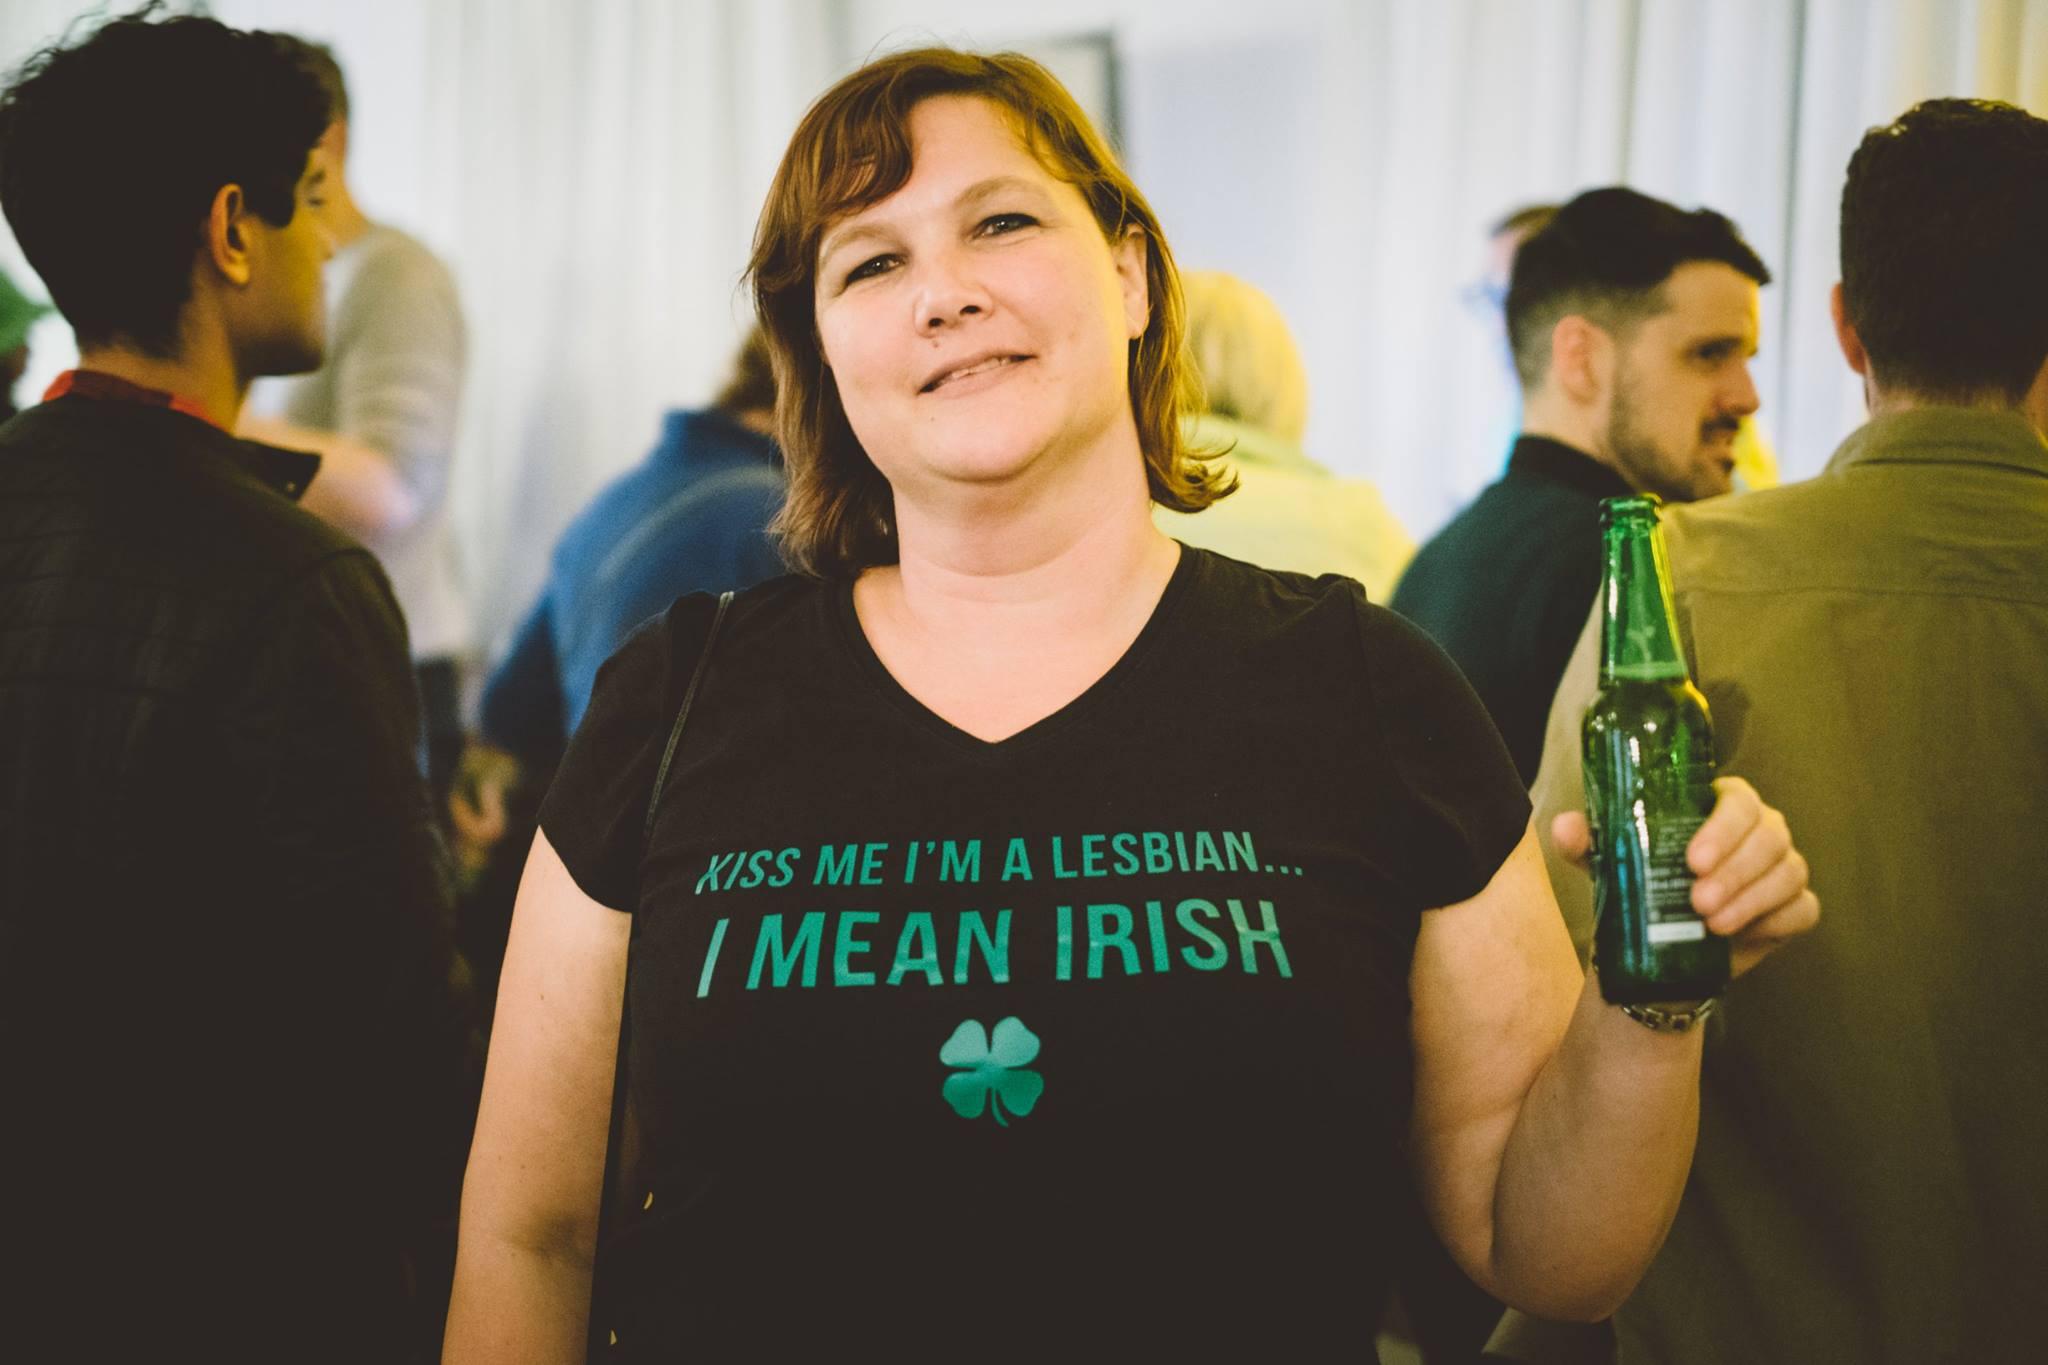 St. Patricks Day irish